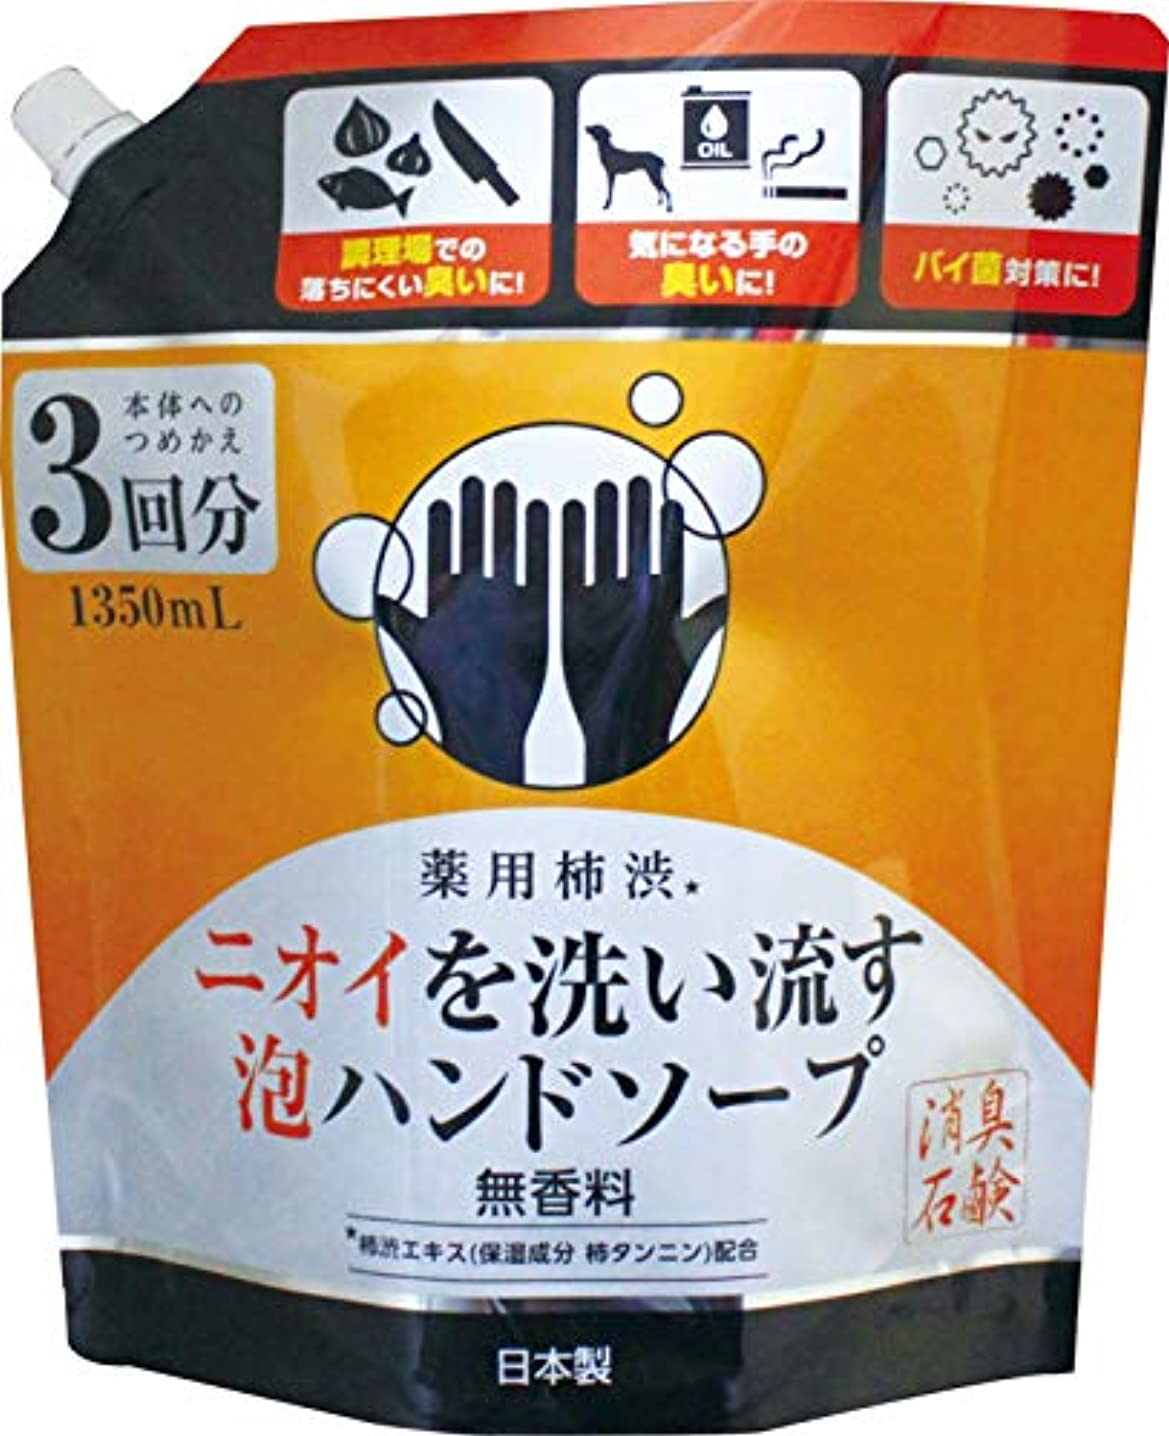 敬そのような遅れ薬用柿渋ニオイを洗い流す泡ハンドソープつめかえ大容量 詰替え用 1350ml